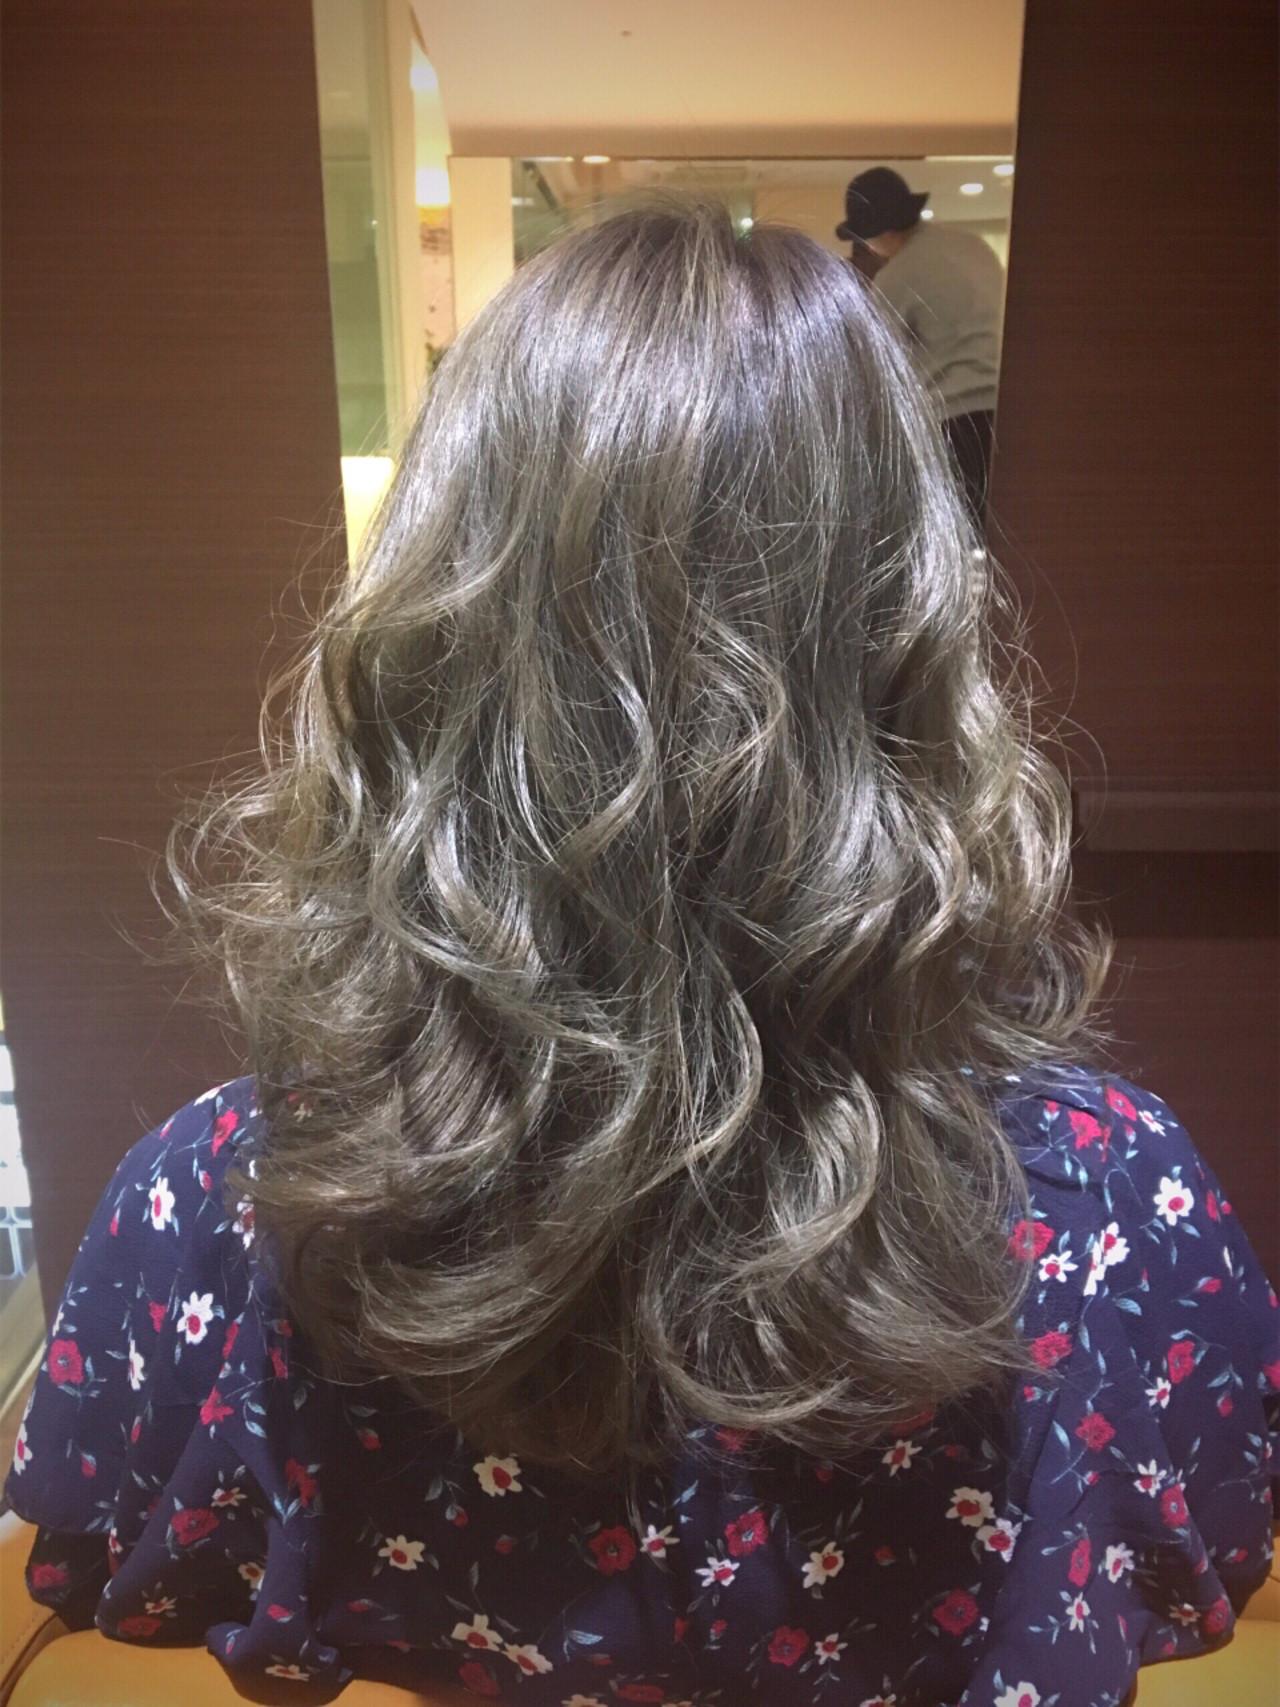 ミディアム 透明感 マット オリーブアッシュ ヘアスタイルや髪型の写真・画像